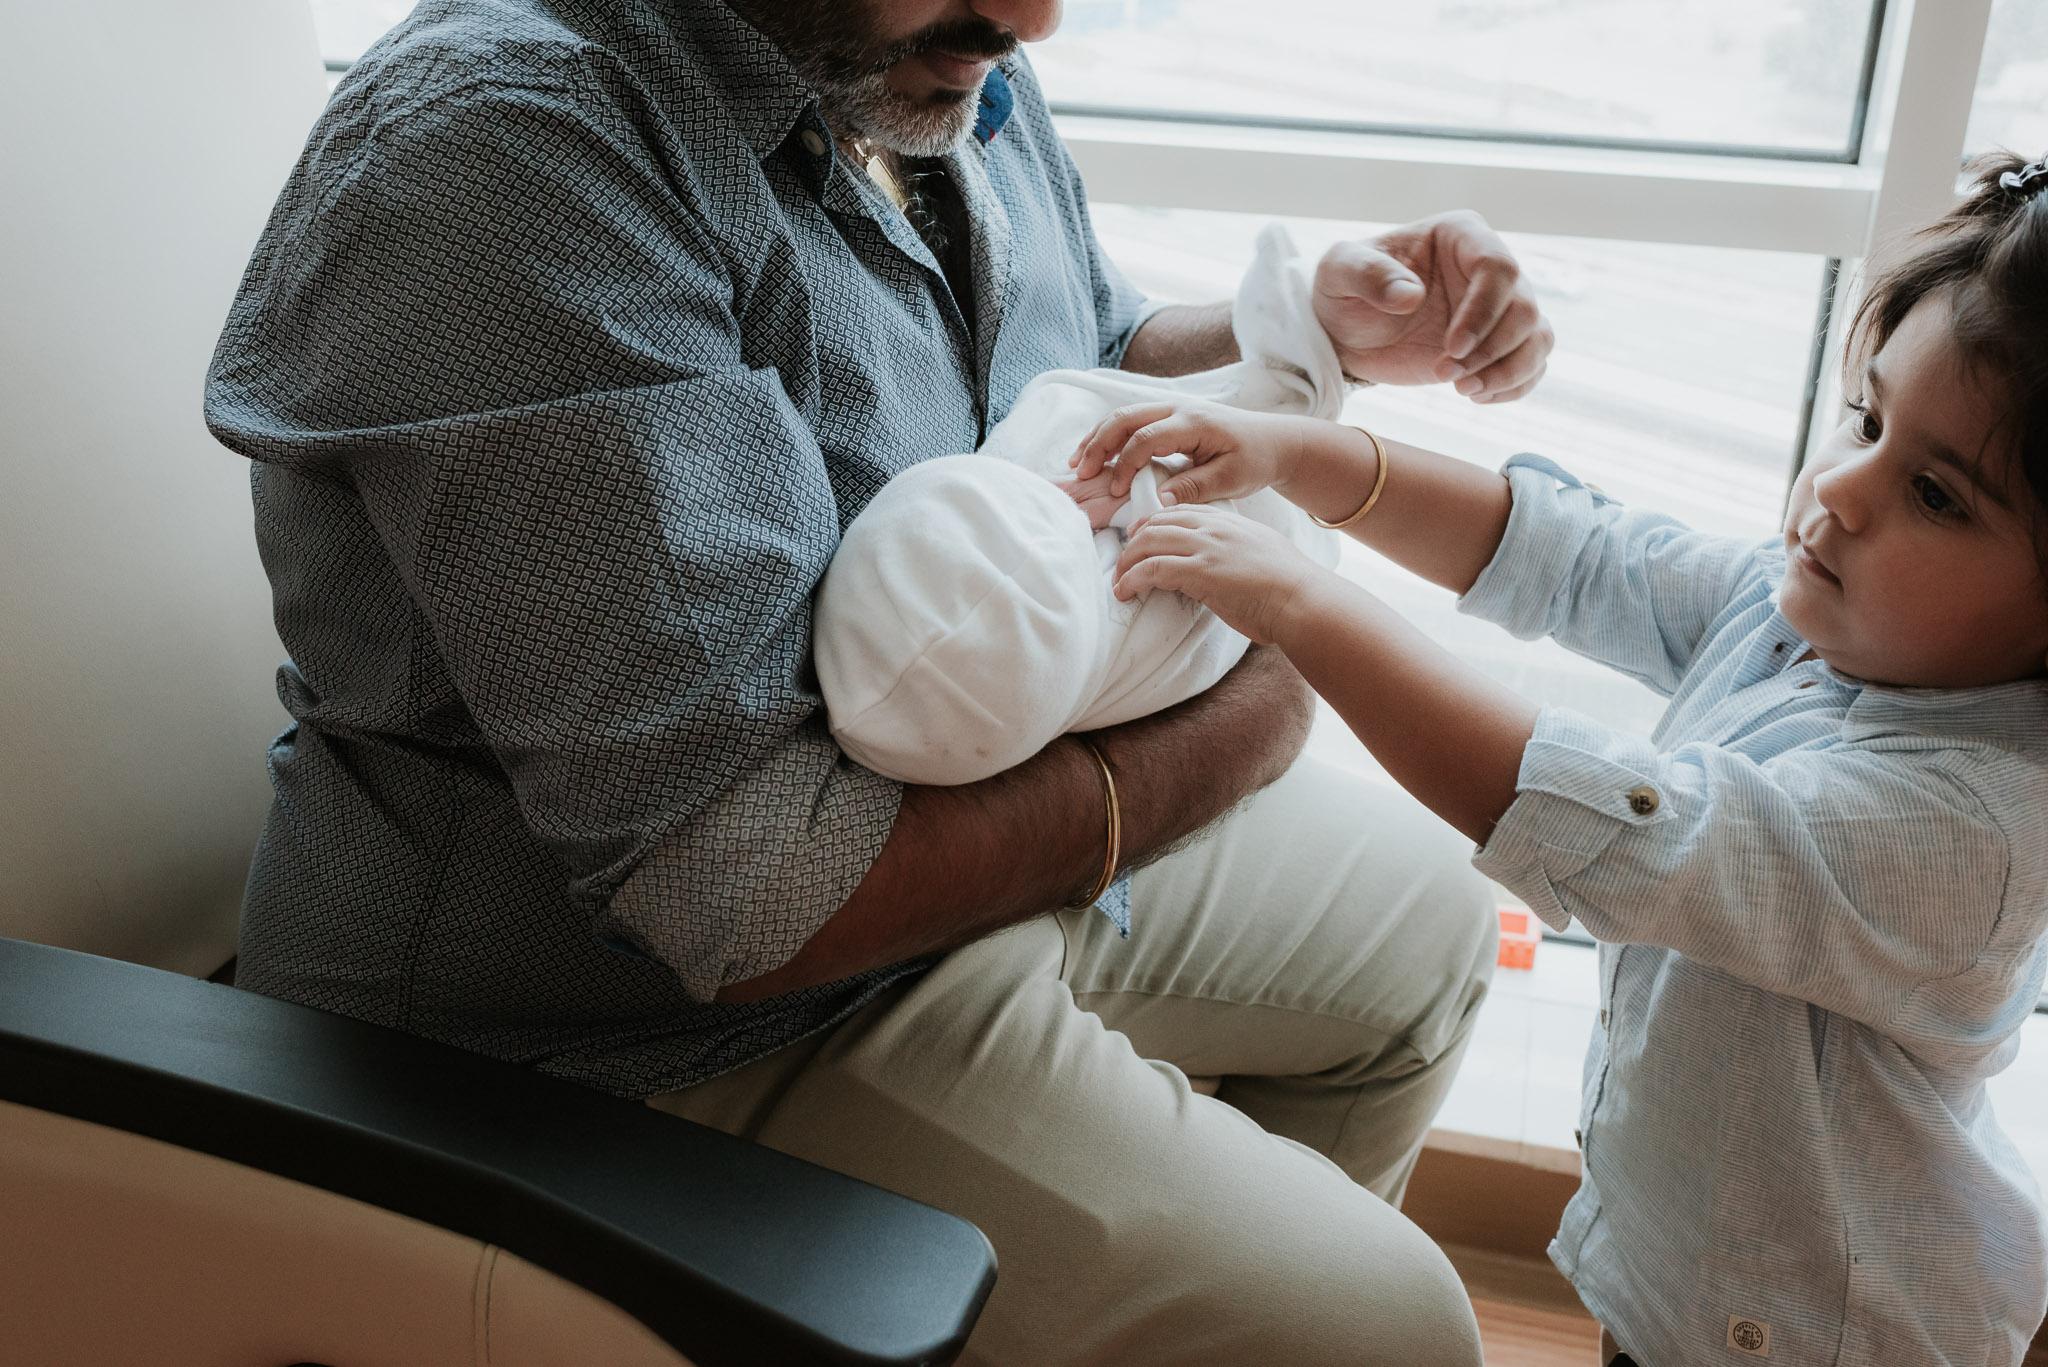 Lana-Photographs-Dubai-Newborn-Photographer-Sanam-LR--19.jpg